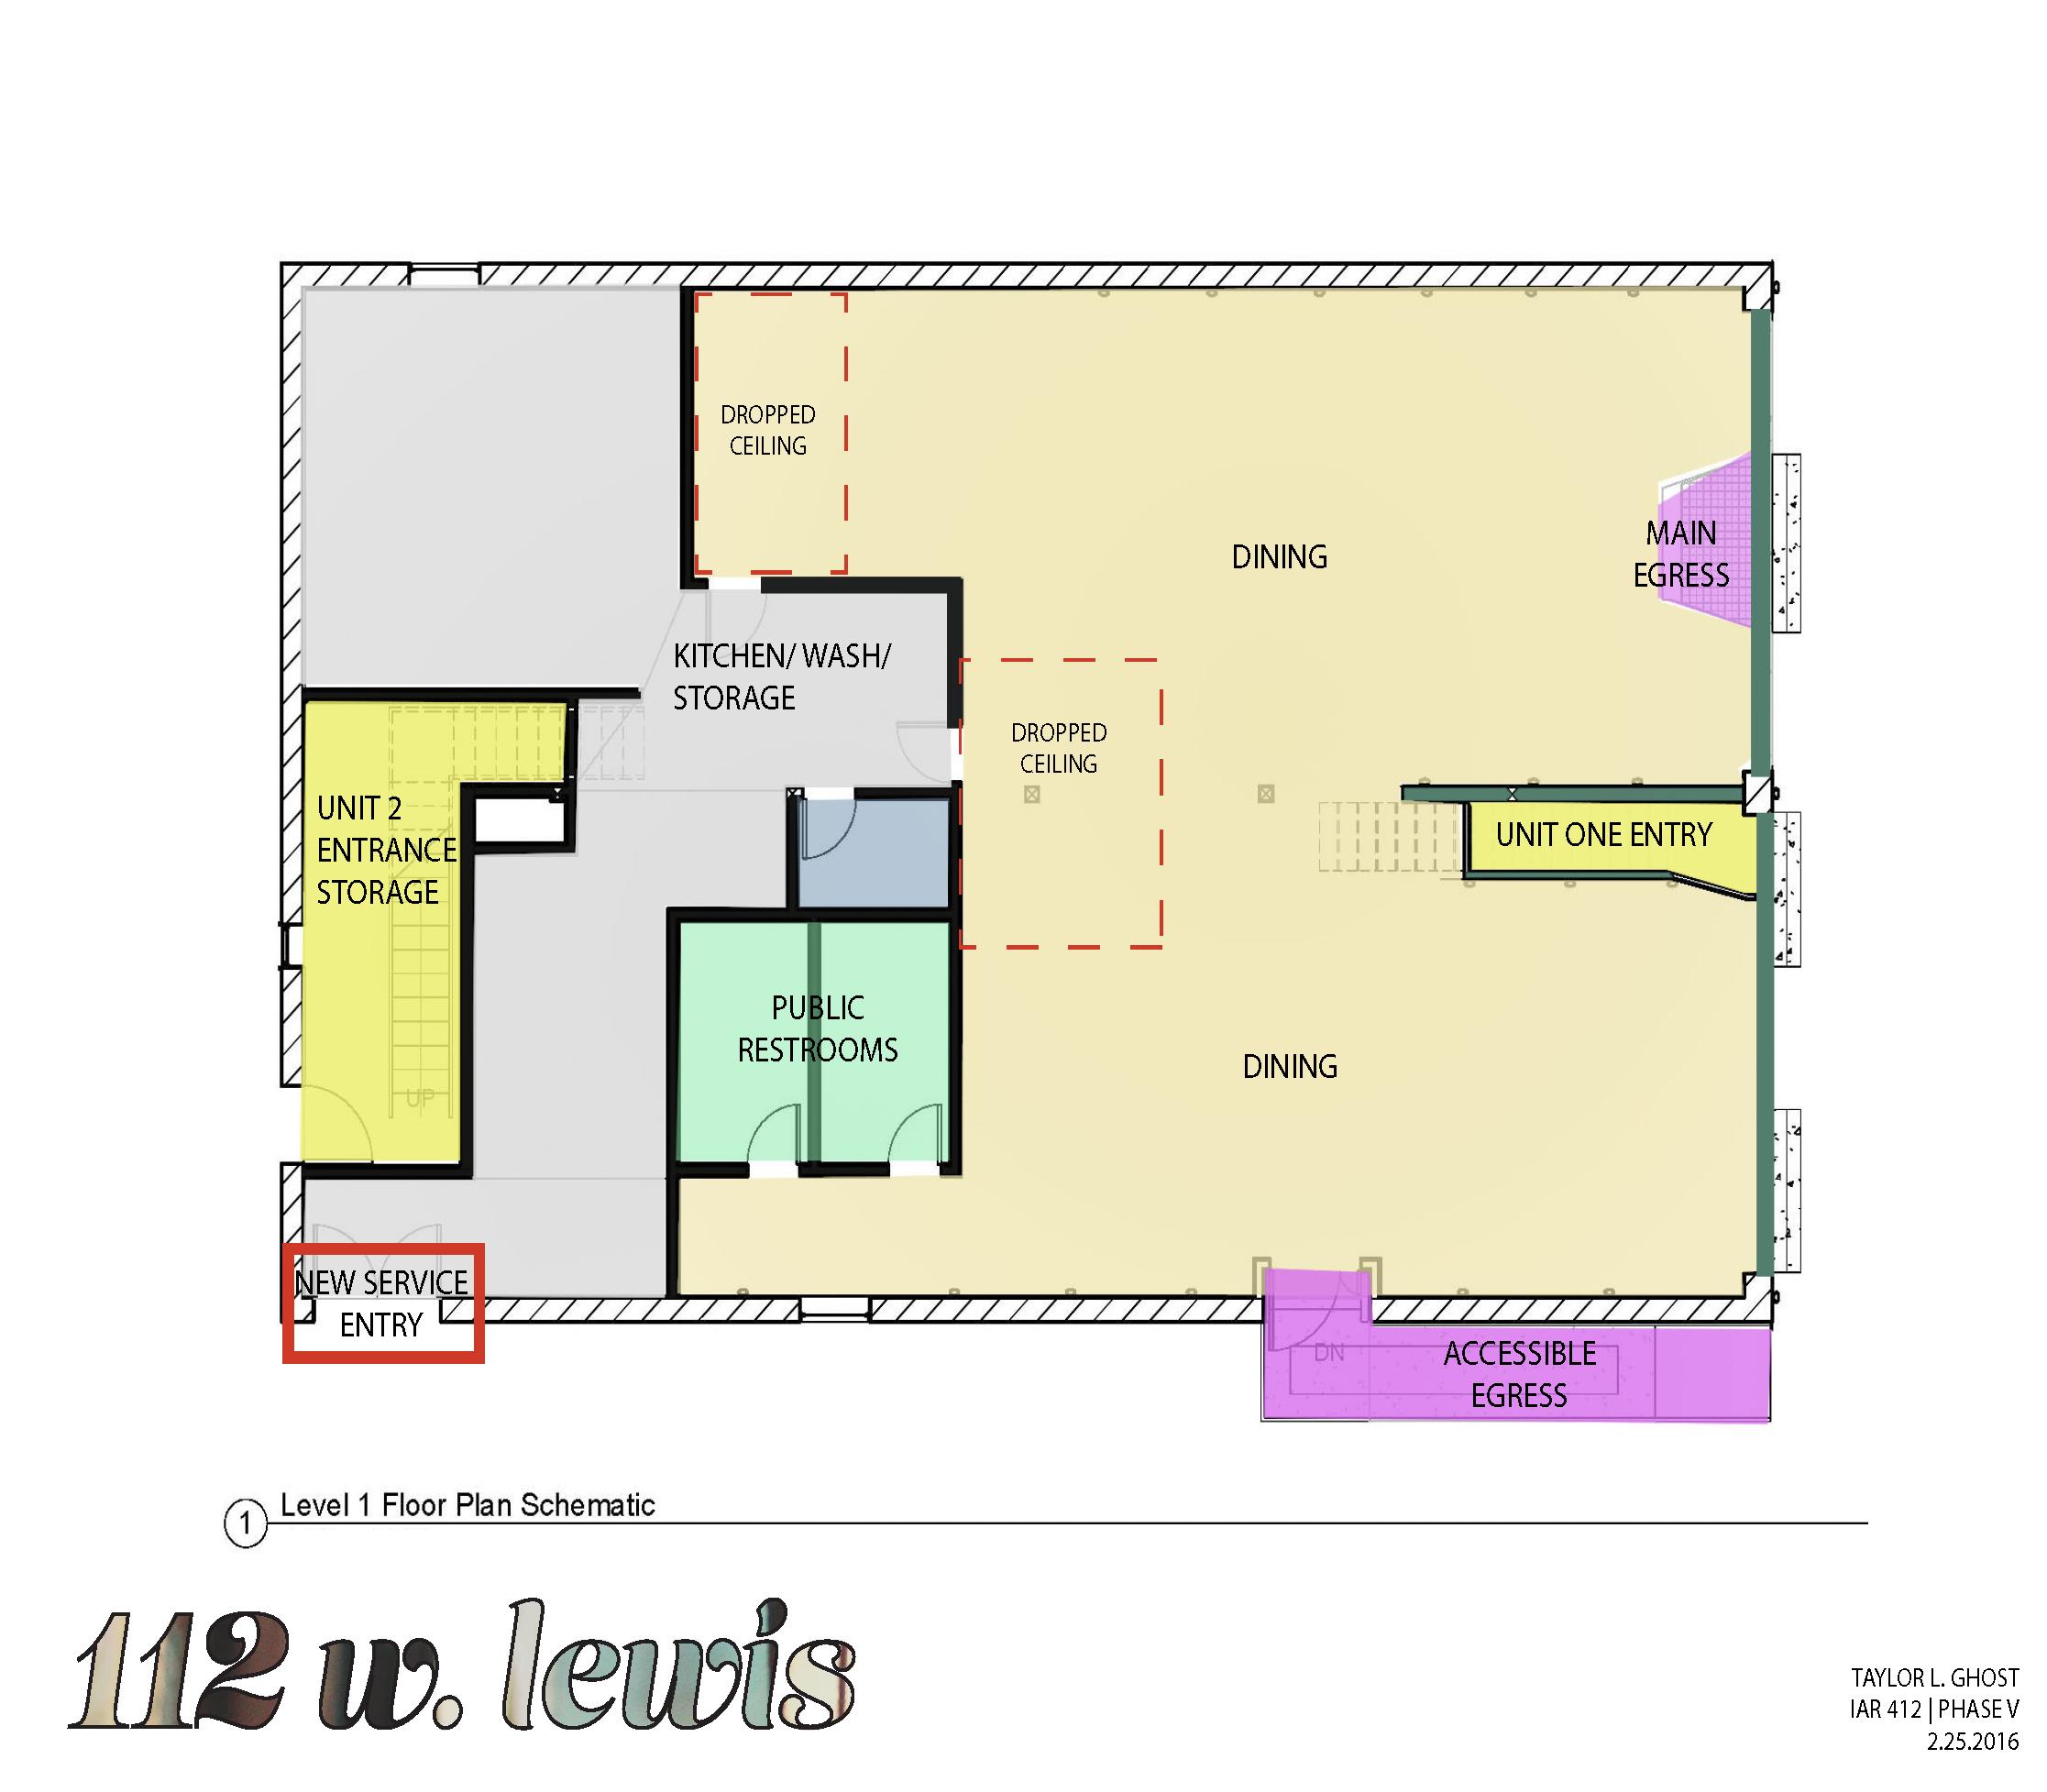 Schematic Layout for Restaurant on 1st Floor